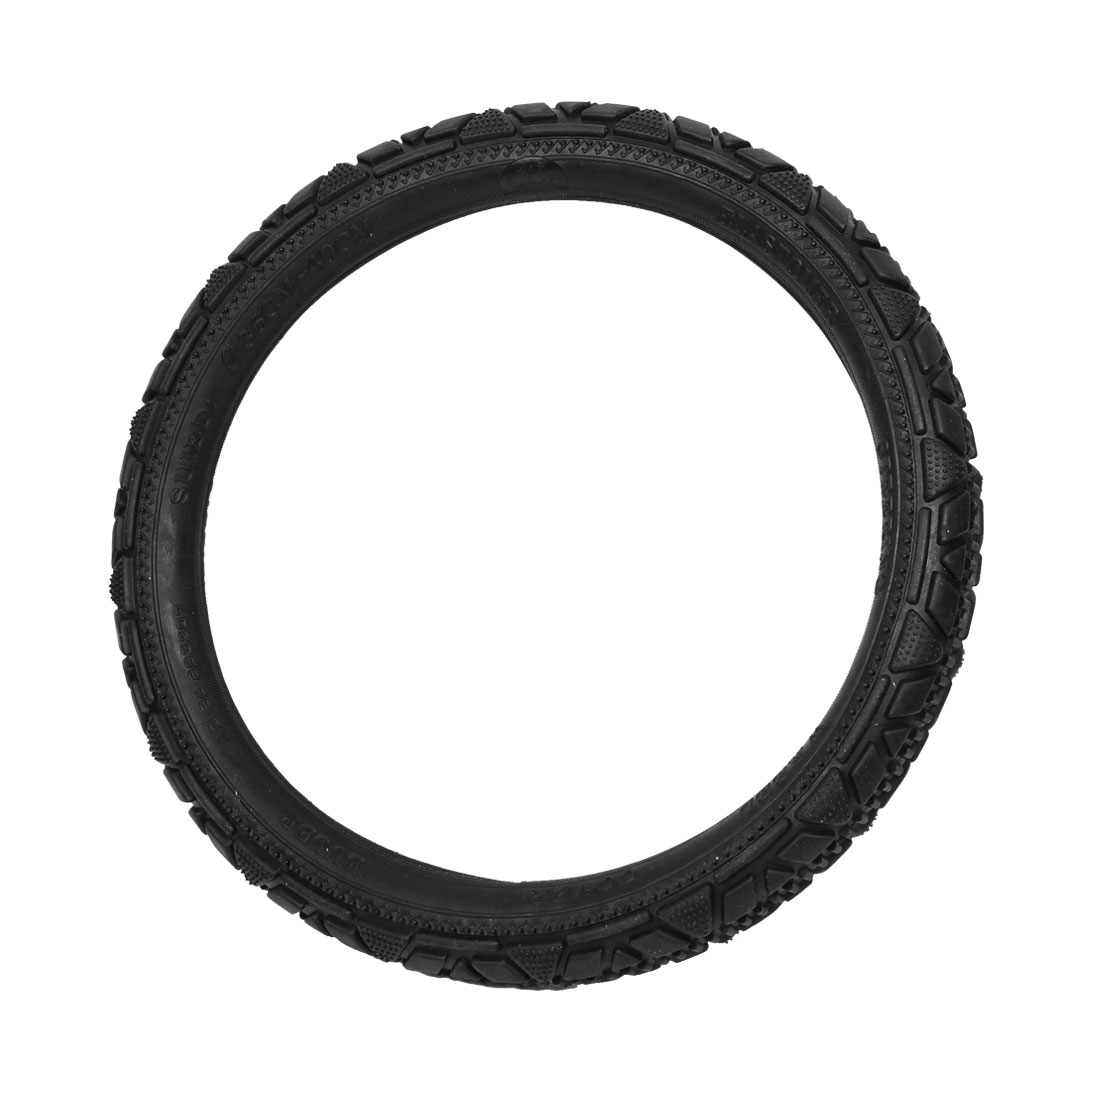 36cm-40cm Dia Nonslip Black Elastomer Steering Wheel Cover for Car Truck